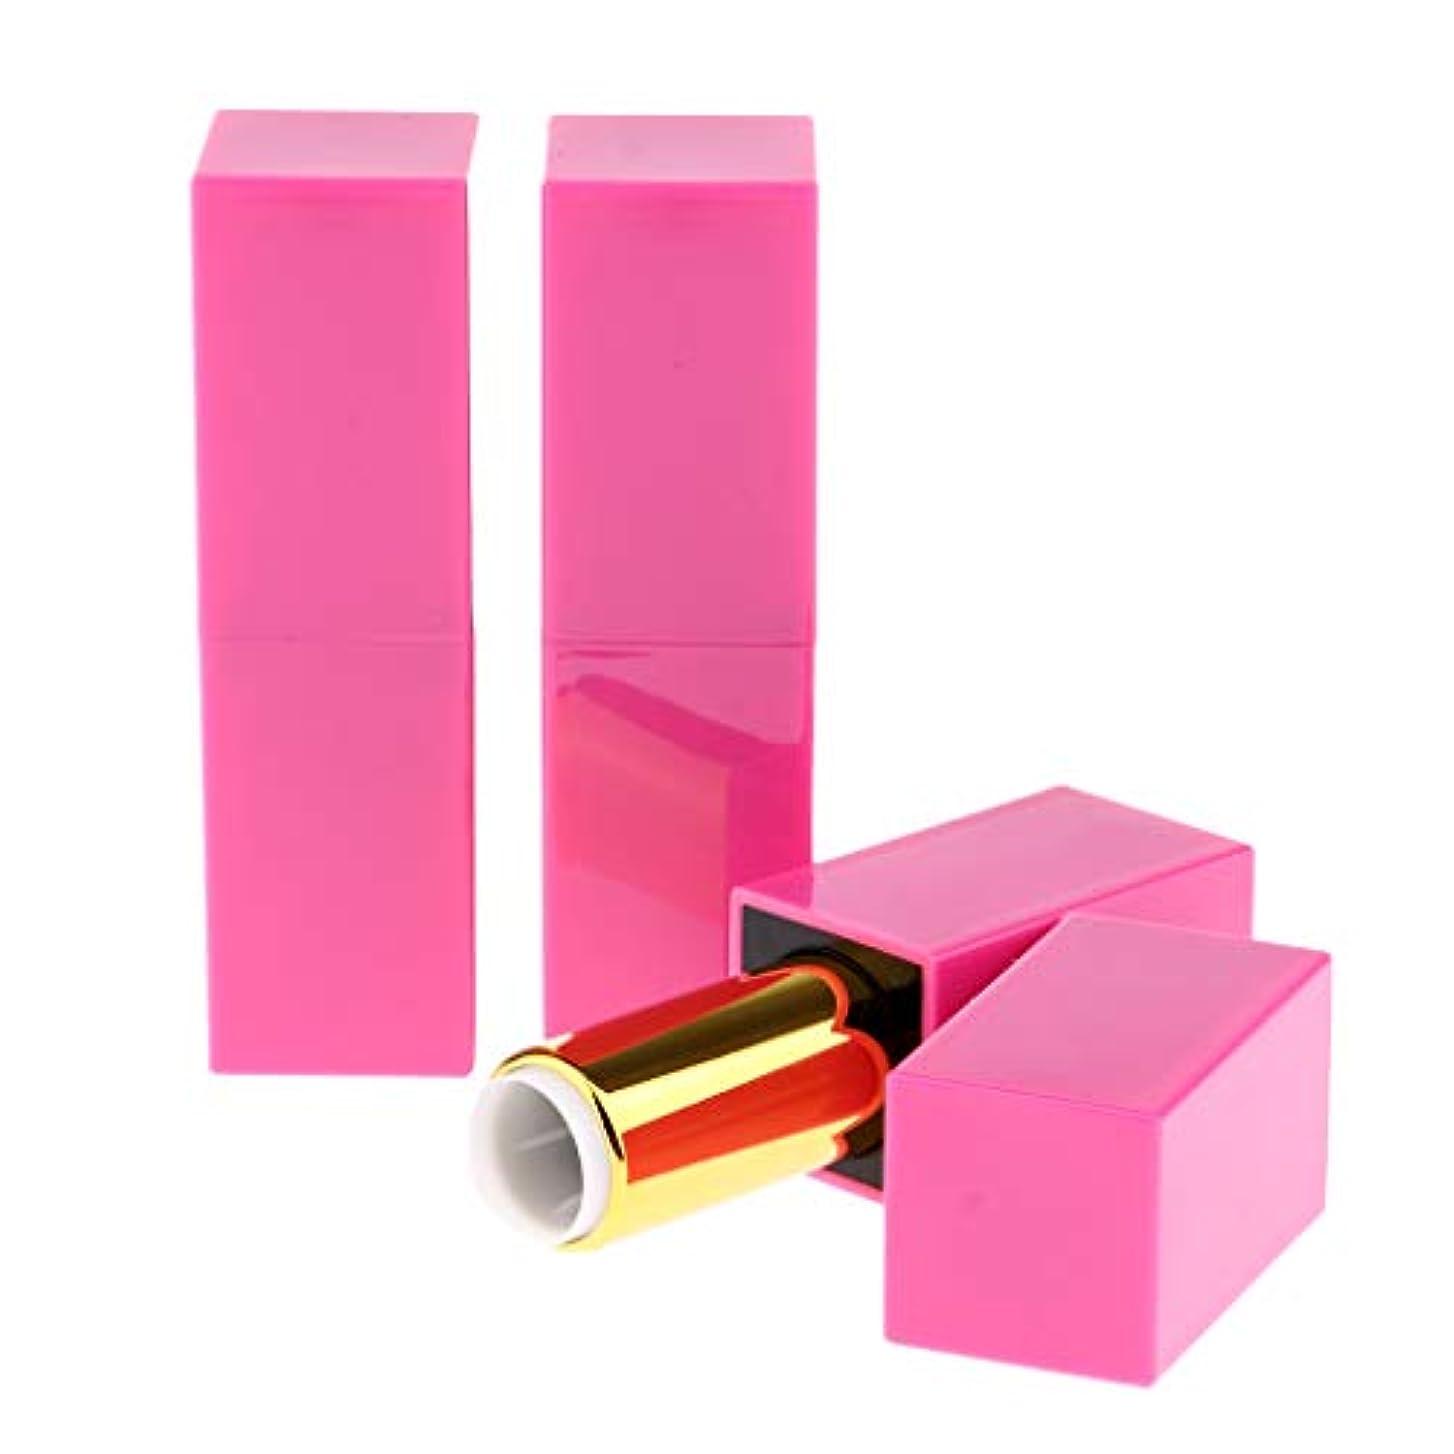 打ち上げる始めるチロ化粧チューブ 空の口紅チューブ リップグロスチューブ リップグロス容器 12.1mm 3本パック